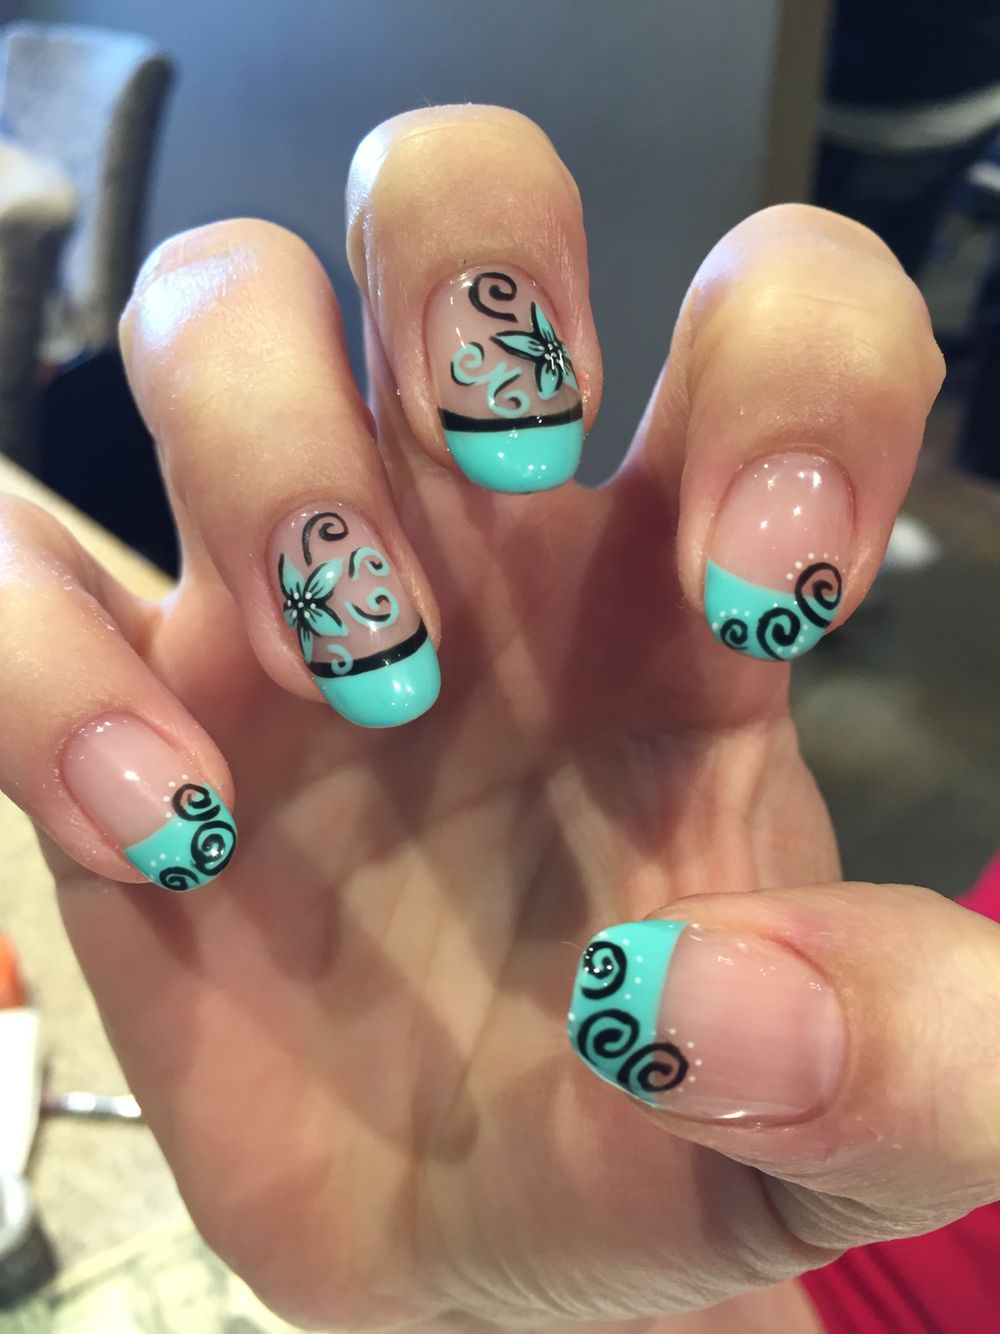 nails wishlist; fall alternating color nails | Nail colors